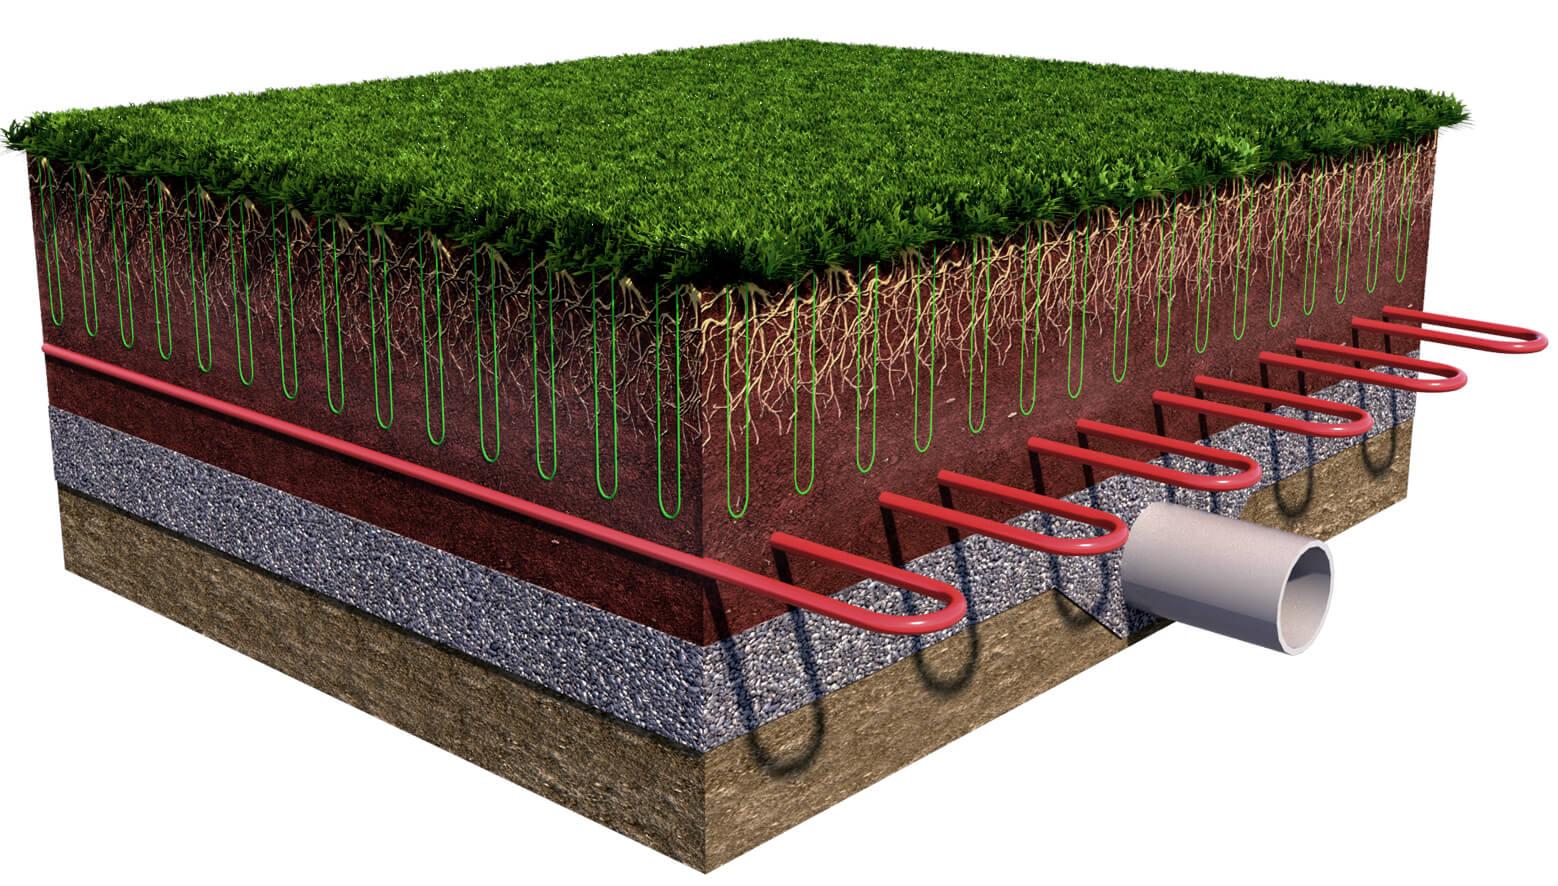 Imagem em camadas da estrutura do gramado